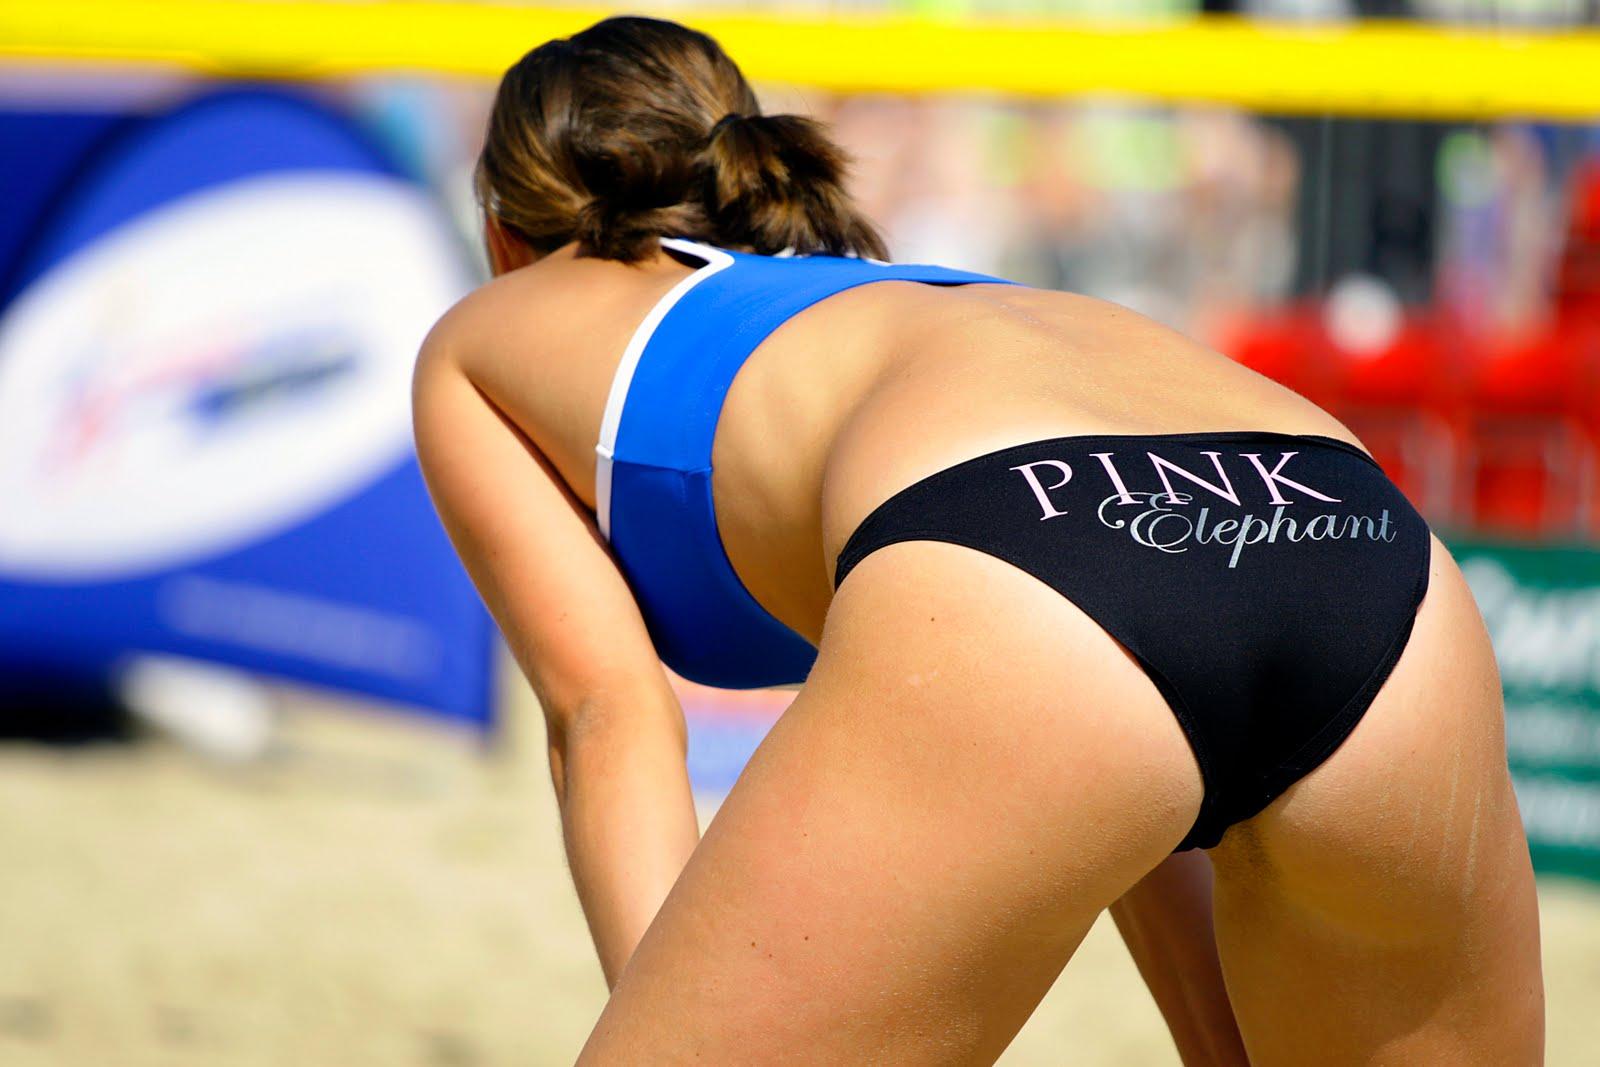 Смотреть горячие спортсменки, Порно со спортсменками, секс с голыми гимнастками 22 фотография